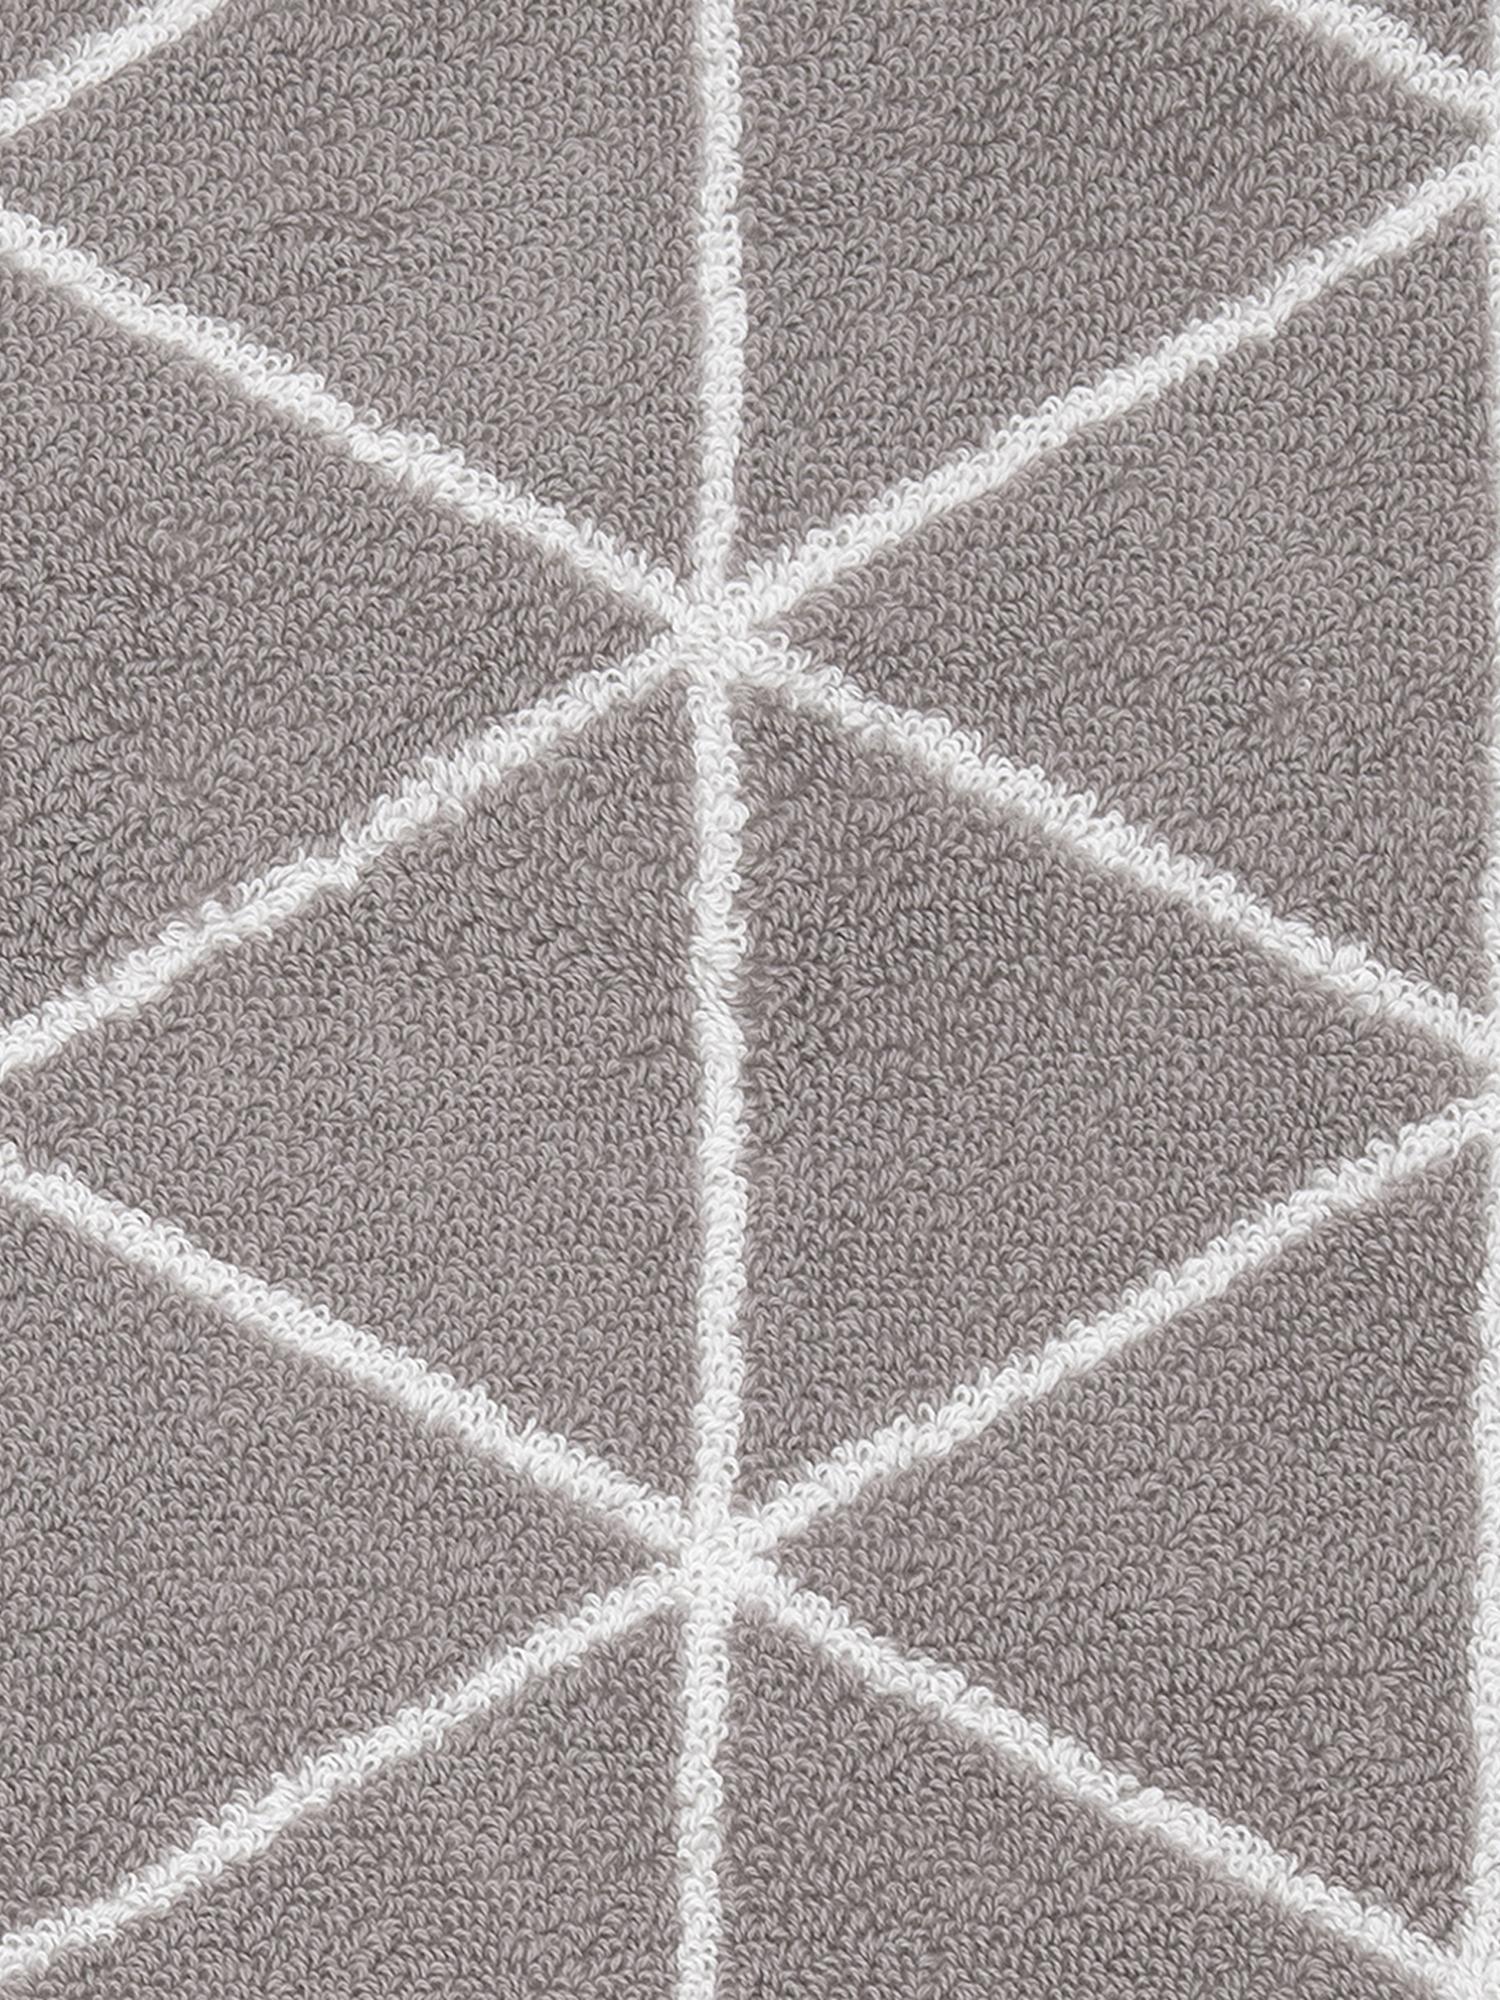 Wende-Handtuch-Set Elina mit grafischem Muster, 3-tlg., Taupe, Cremeweiss, Verschiedene Grössen